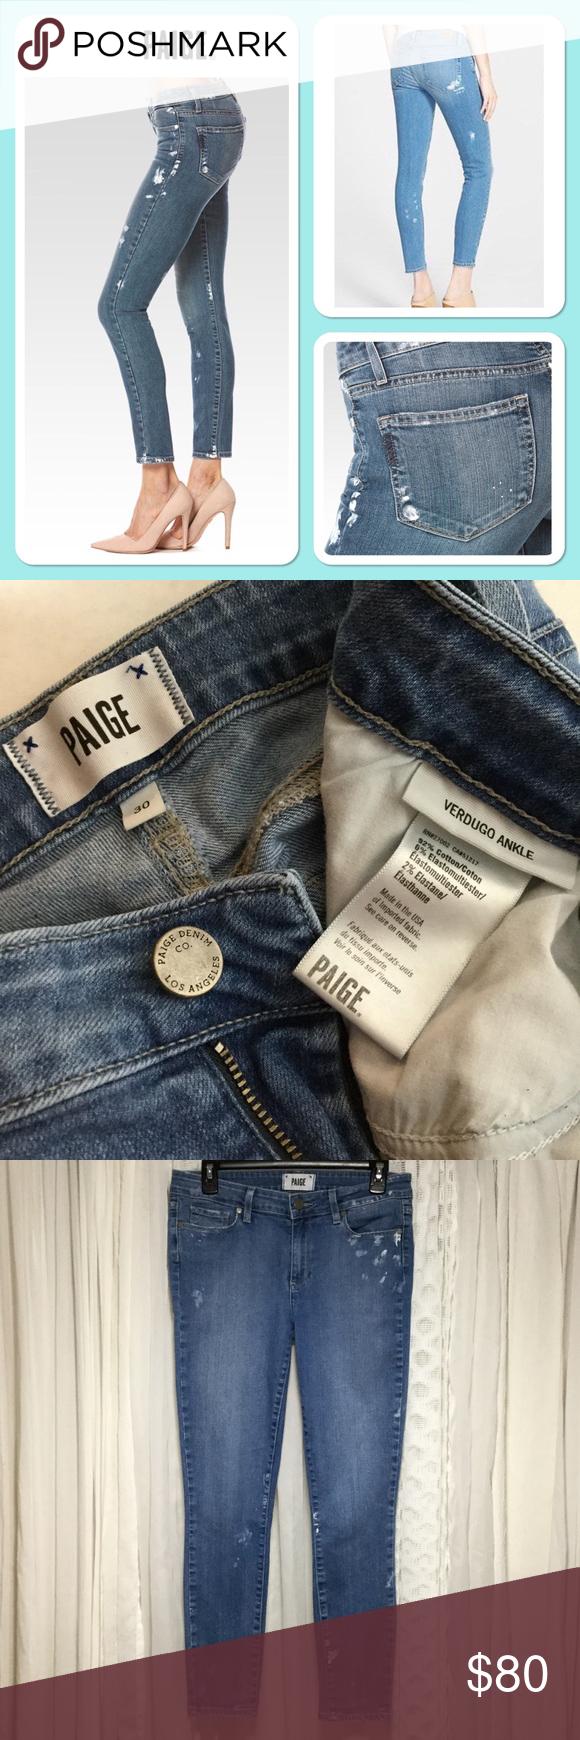 Low Rise Jeans Cunt